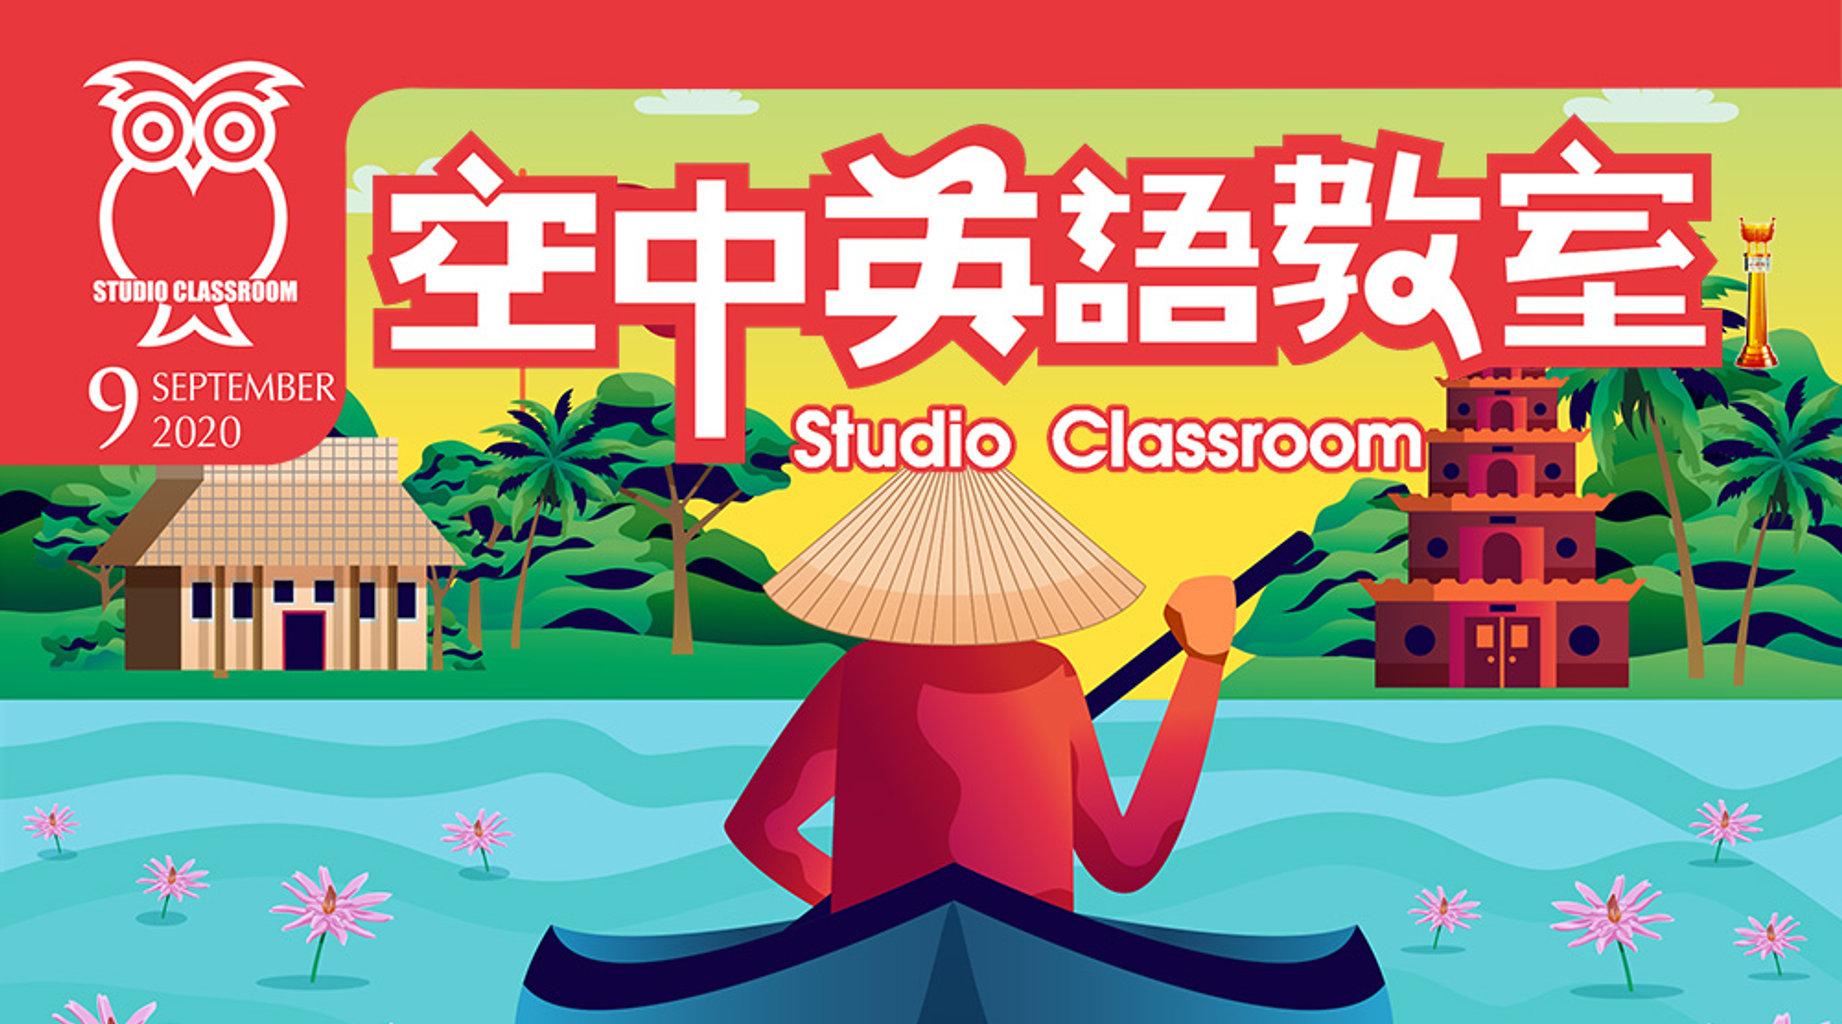 空中英語教室-免費版今日影片 免費線上看 語言學習 LINE TV-精彩隨看